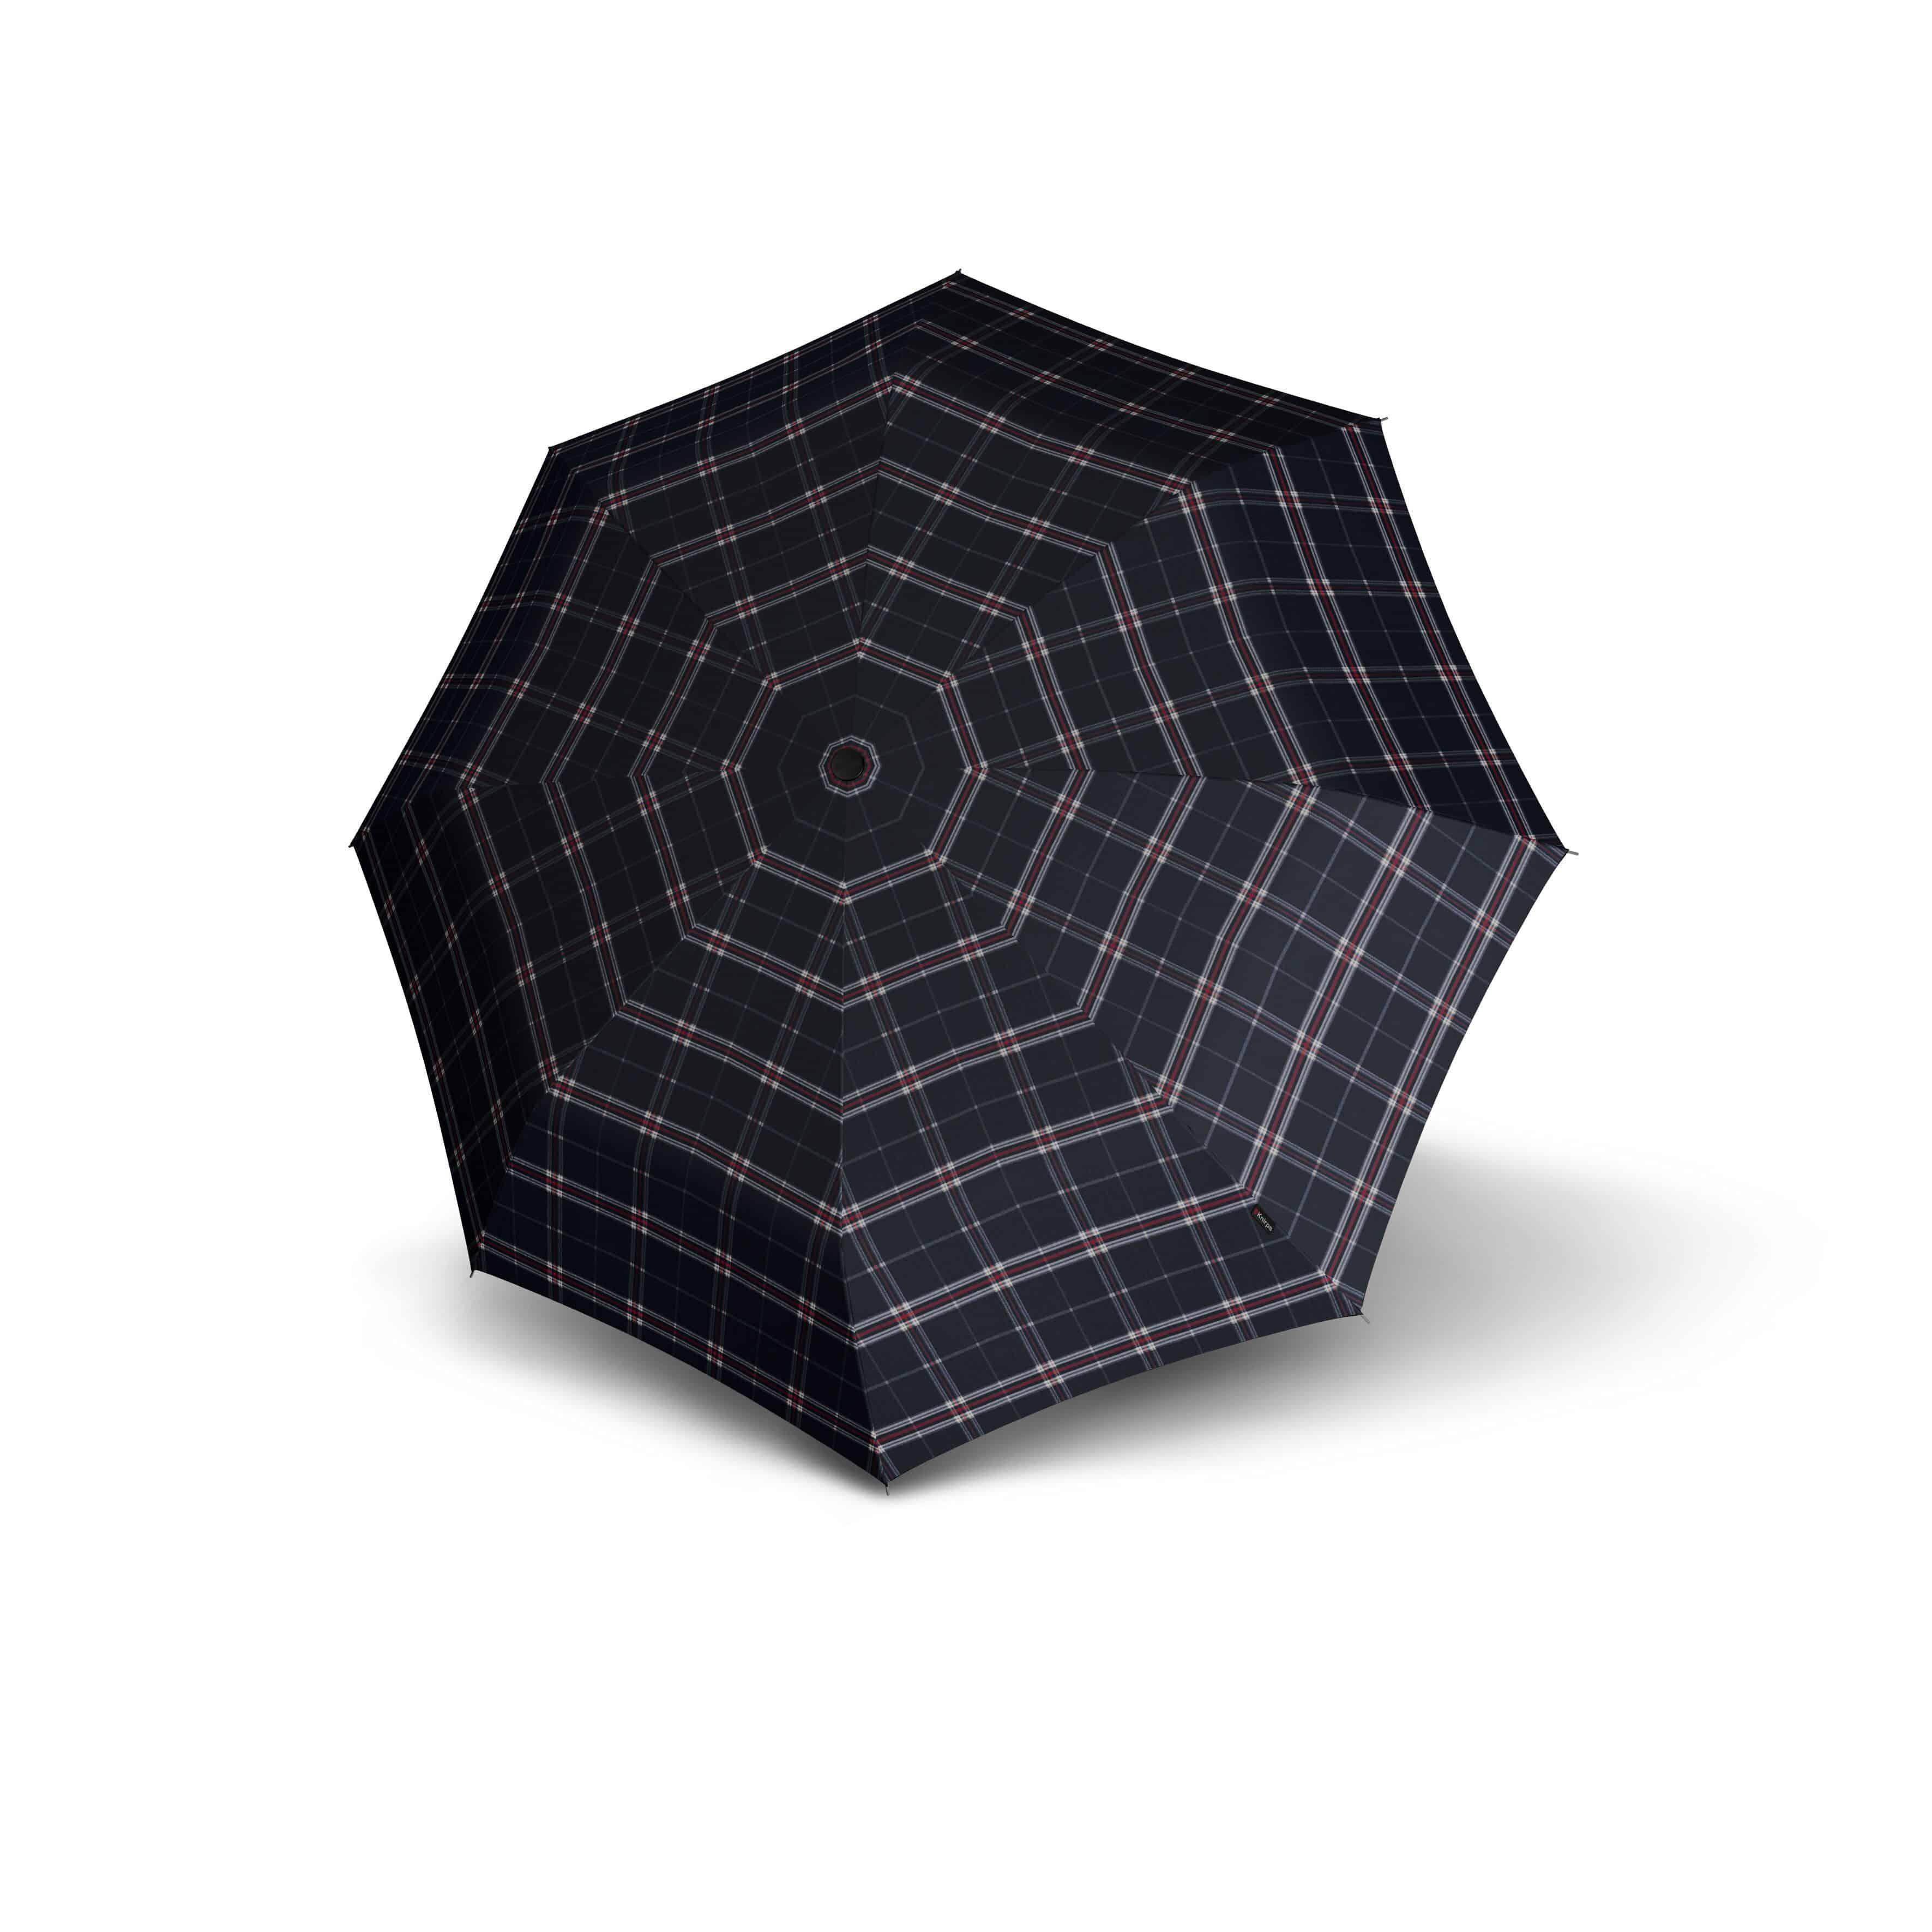 Knirps Umbrella T.200 medium duomatic - photo 2